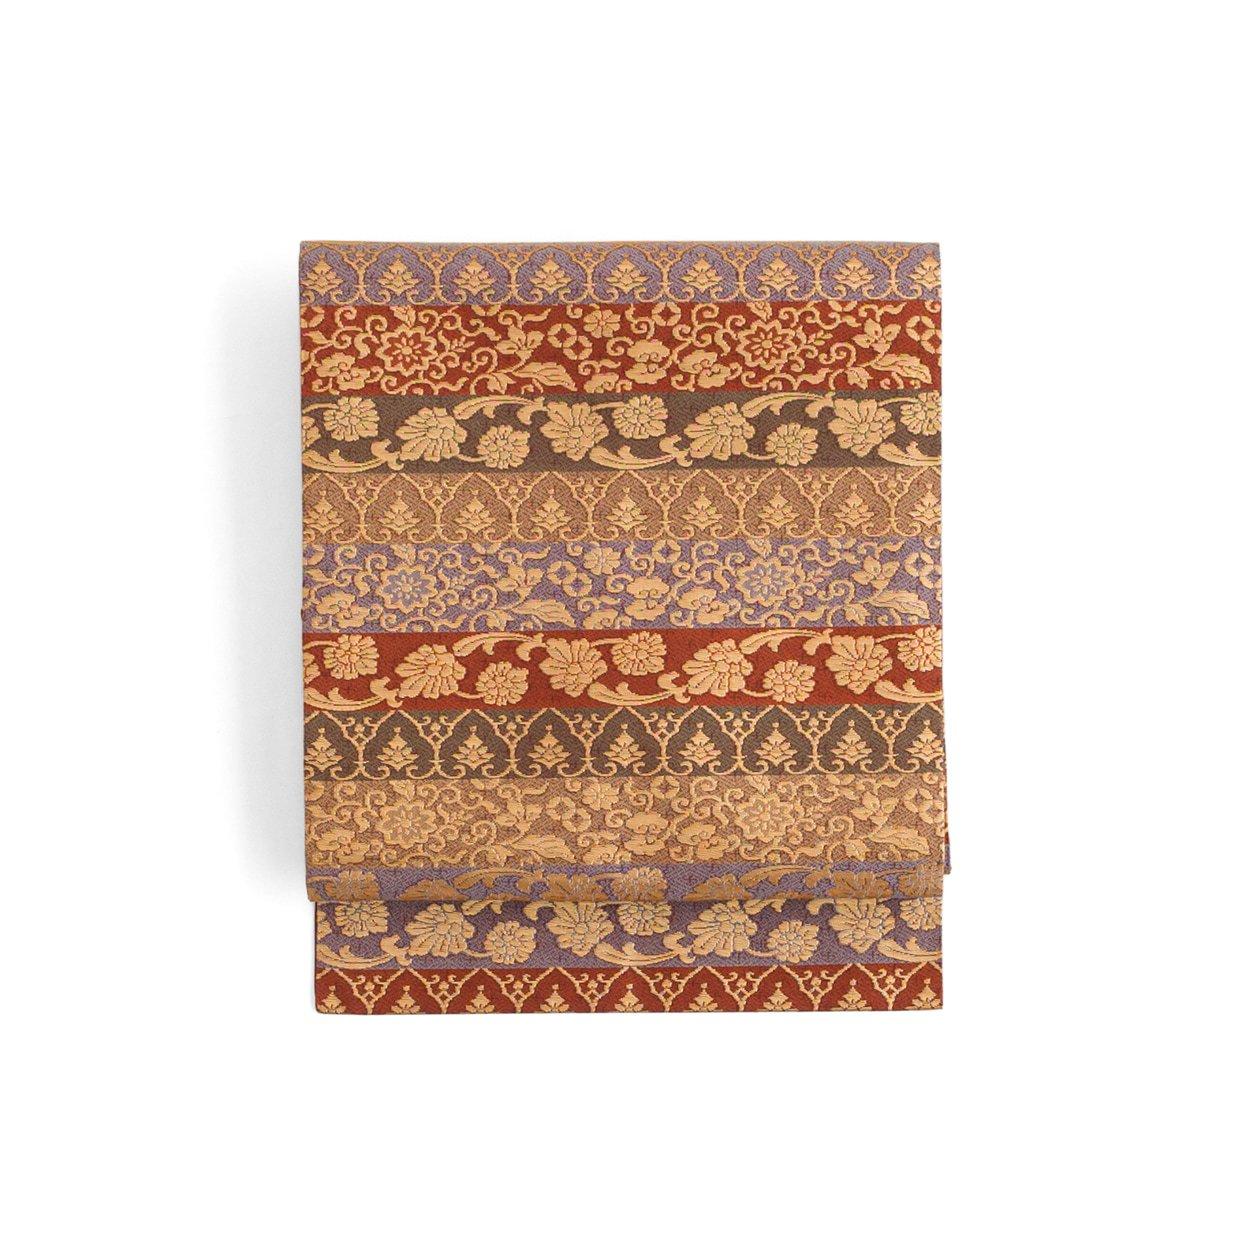 「横段唐花織り出し」の商品画像